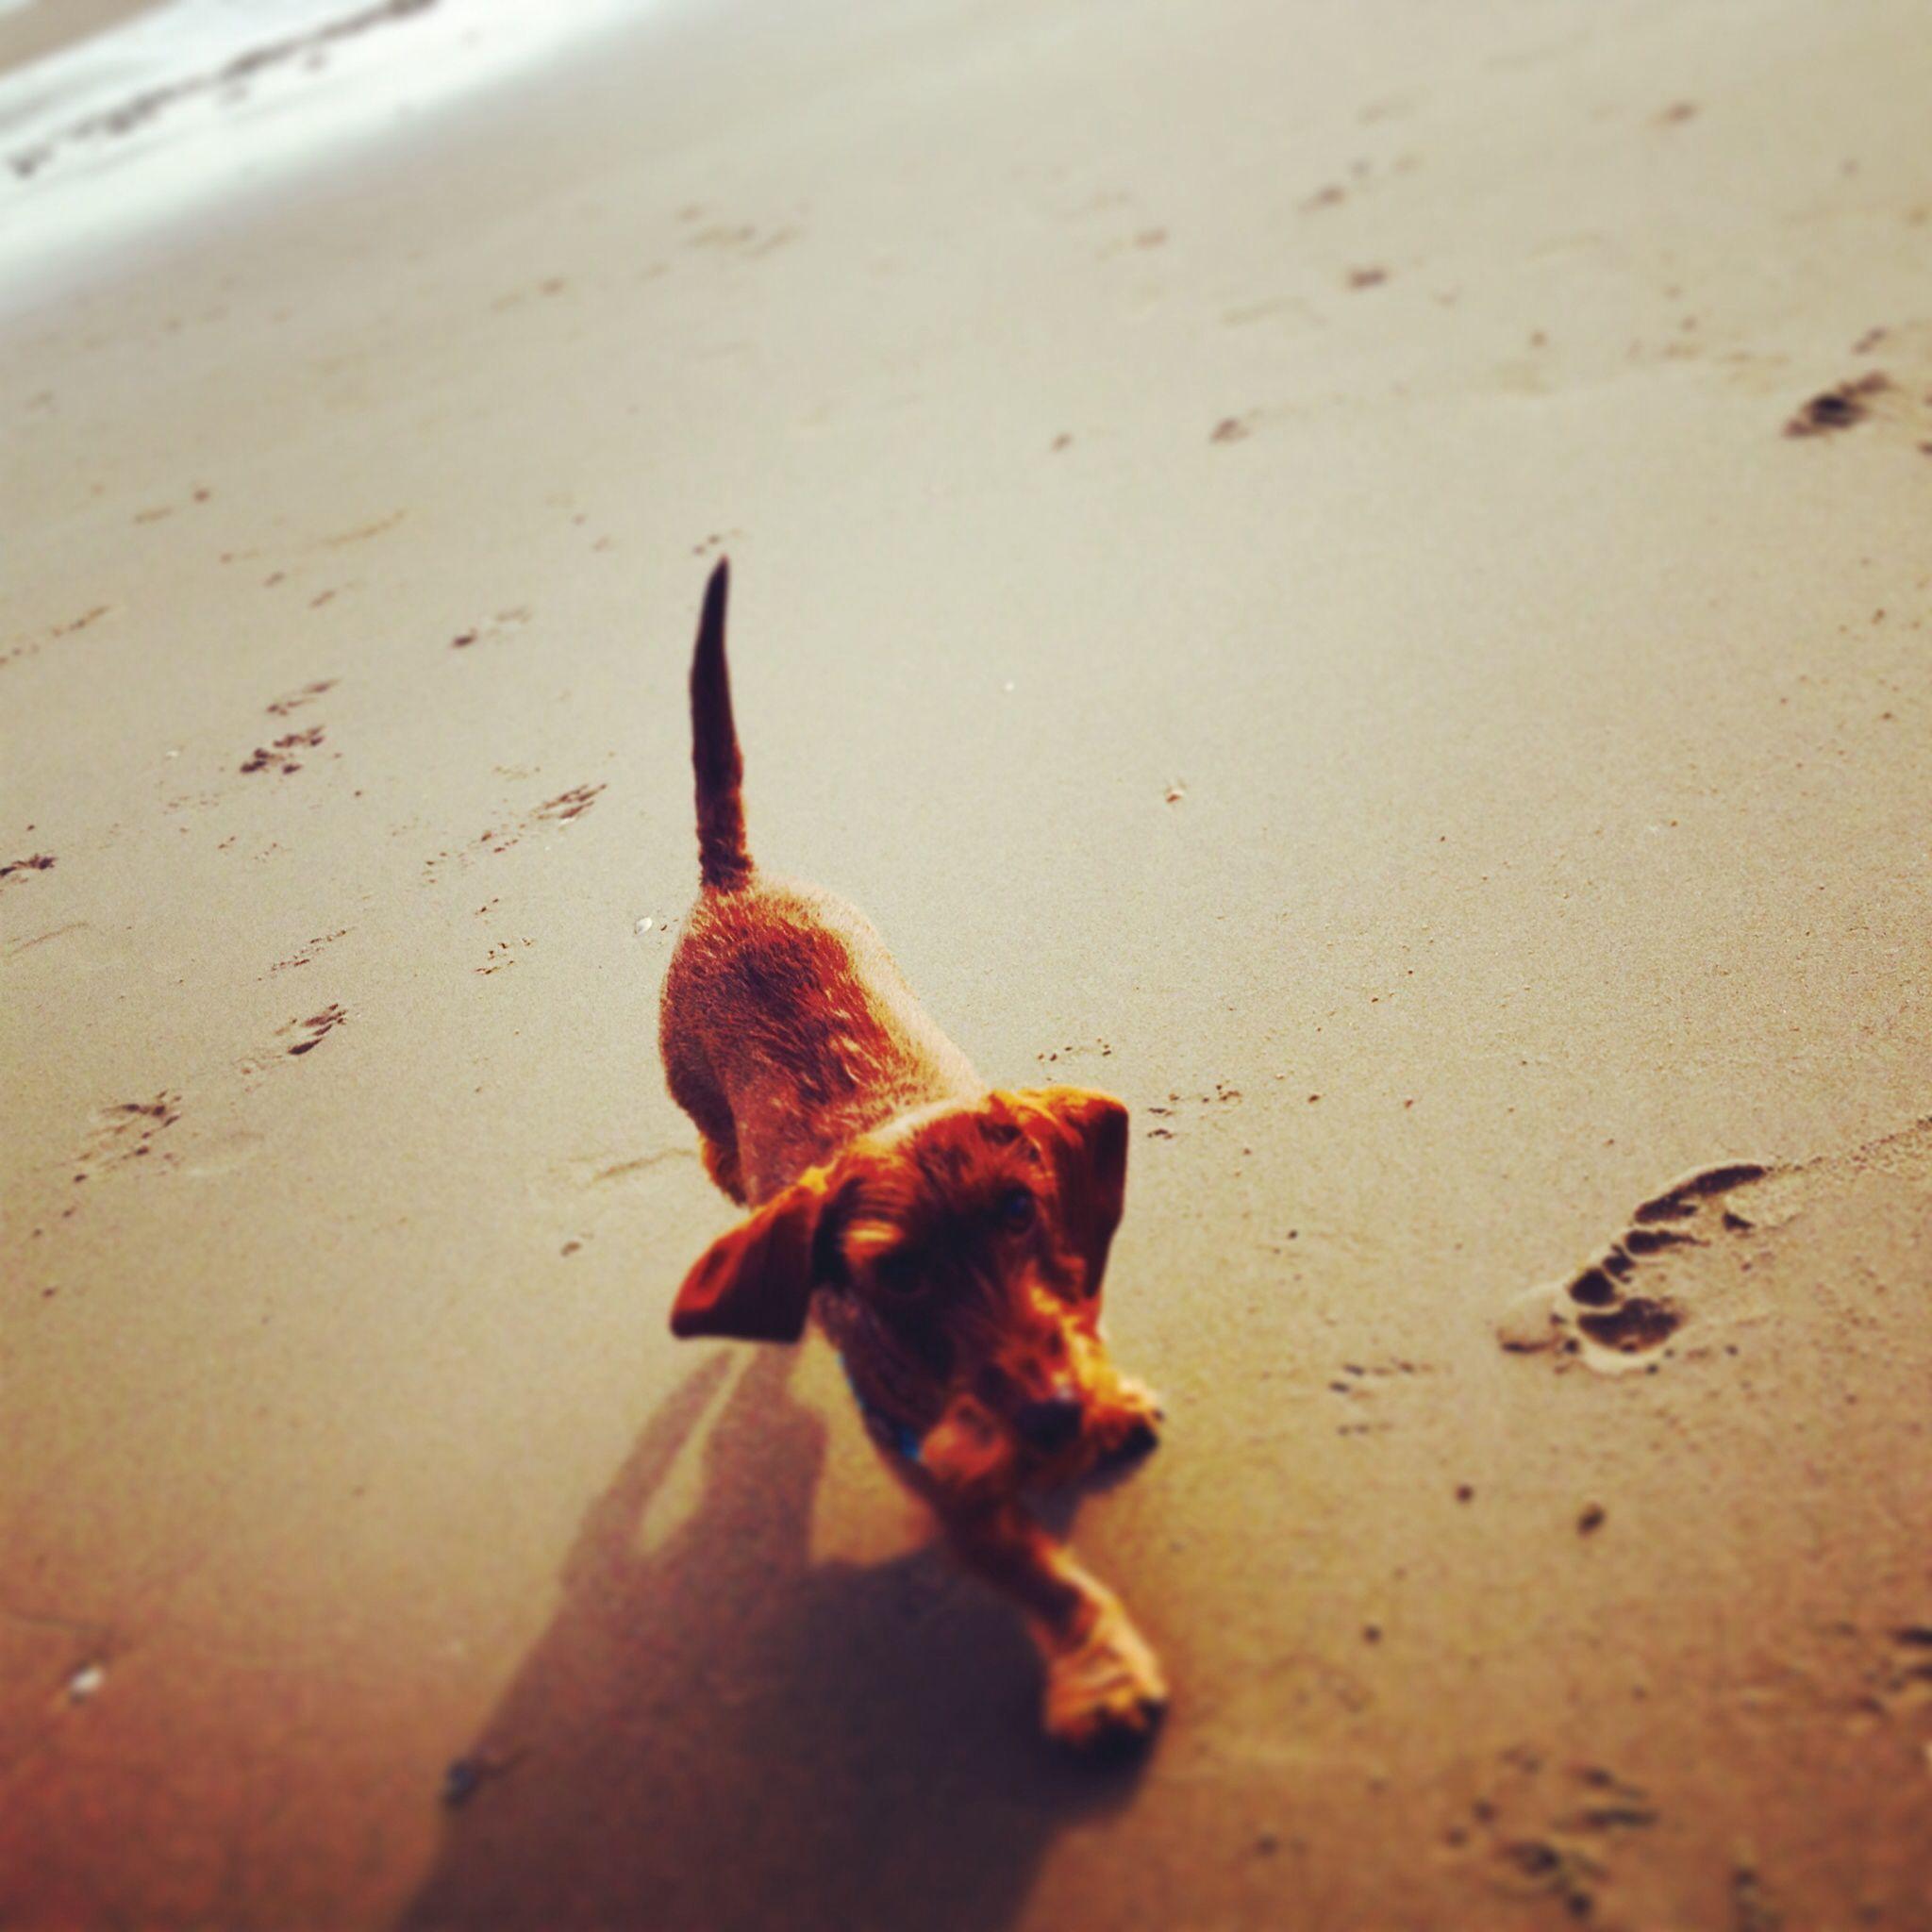 Kareltje op t strand met n lekker zonnetje!